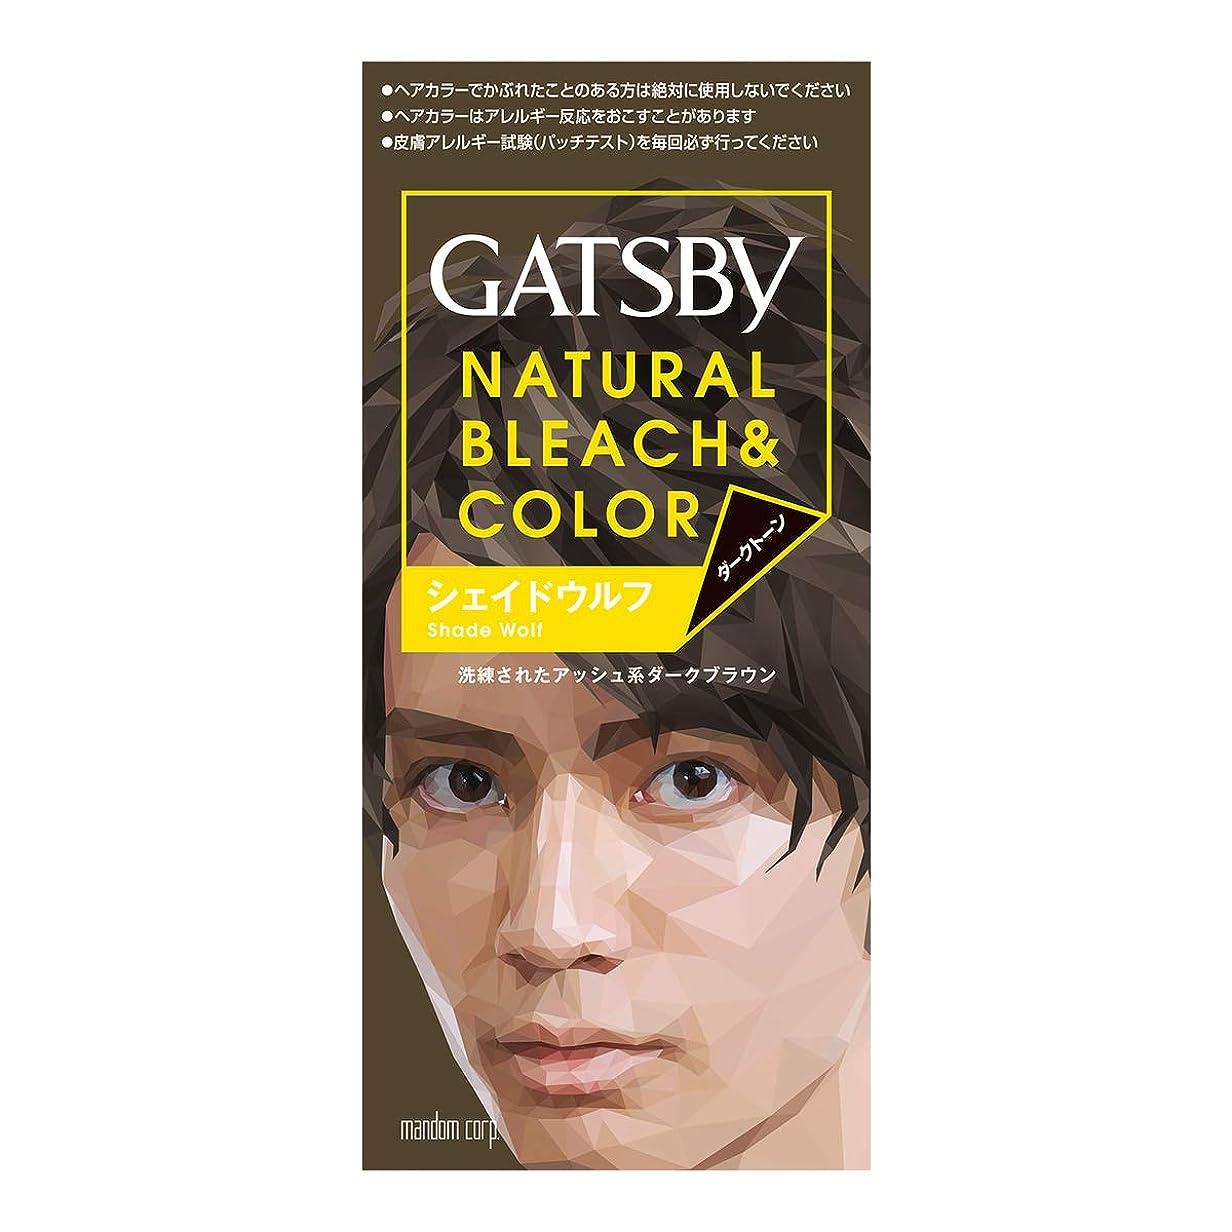 ビスケット霧深い組み立てるGATSBY(ギャツビー) ナチュラルブリーチカラー シェイドウルフ 1剤35g 2剤70mL (医薬部外品)